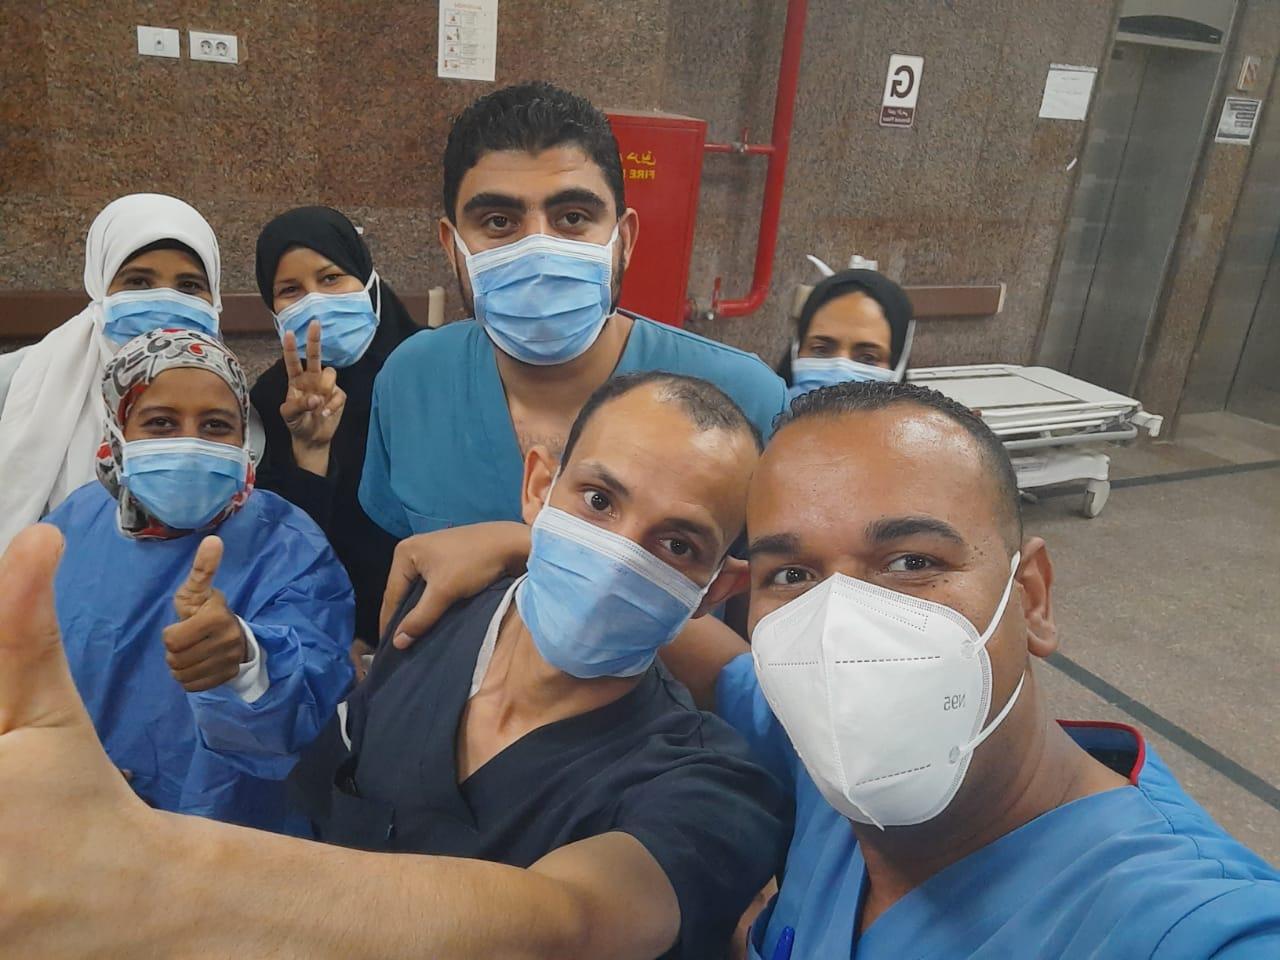 إرتفاع حالات الشفاء بمستشفى الأقصر العام من كورونا لـ366 حالة  (1)